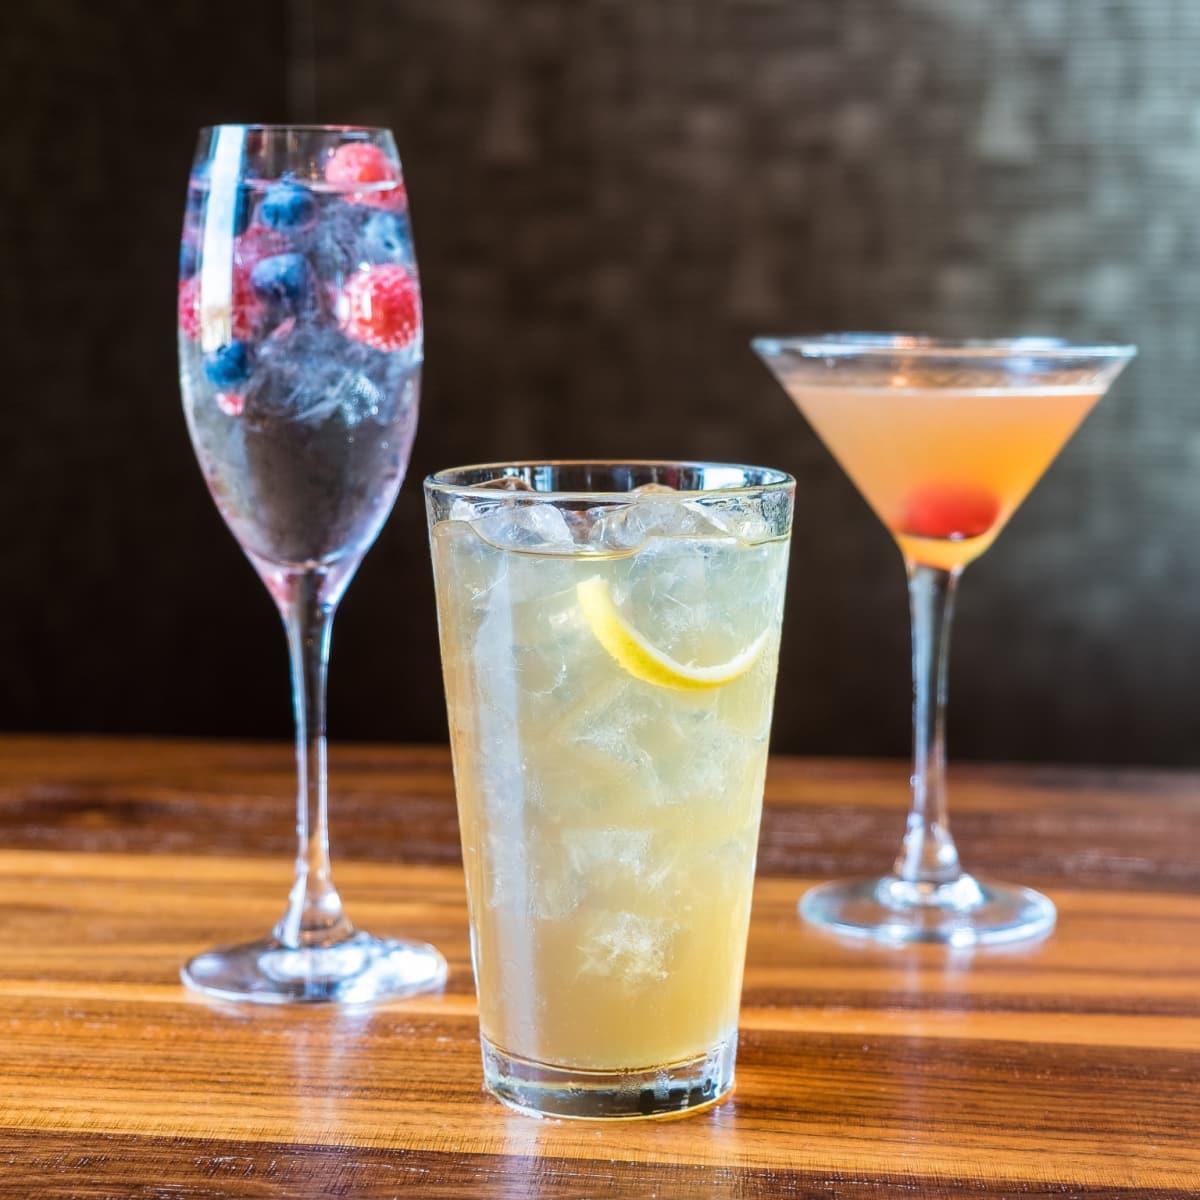 Del Frisco's Olympics cocktails